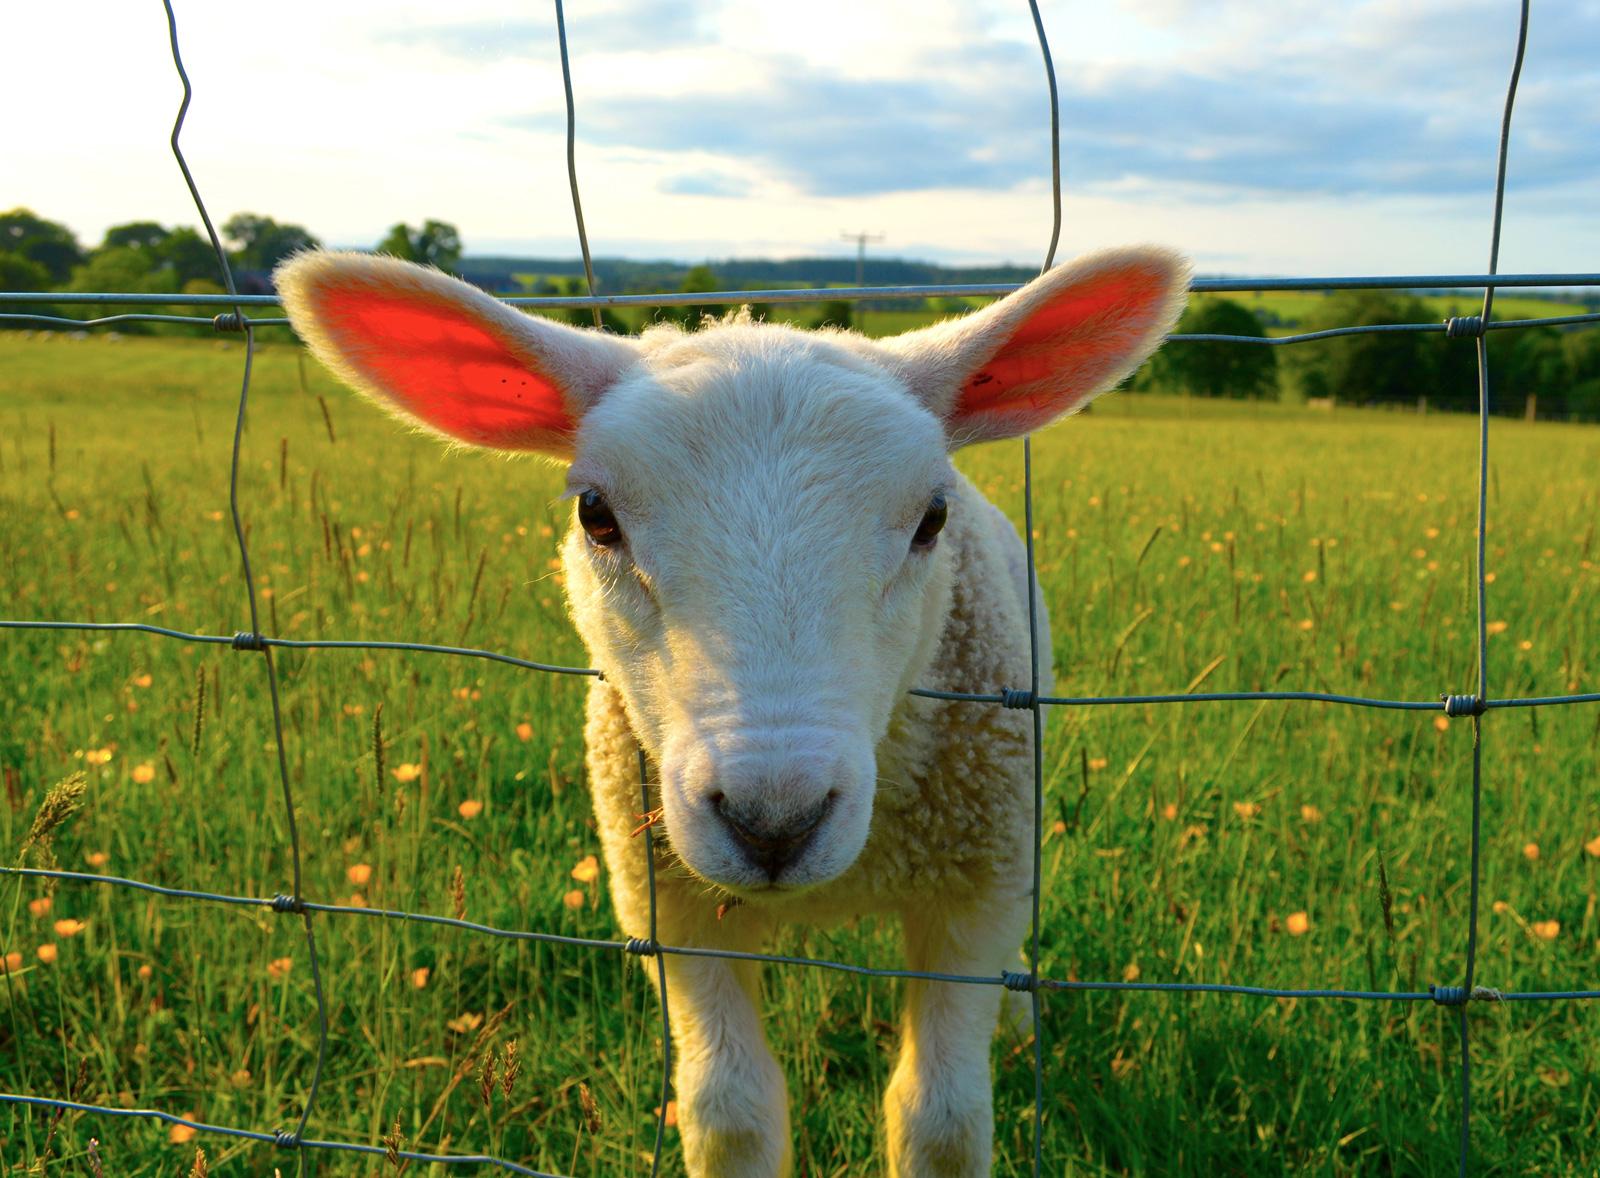 A young lamb